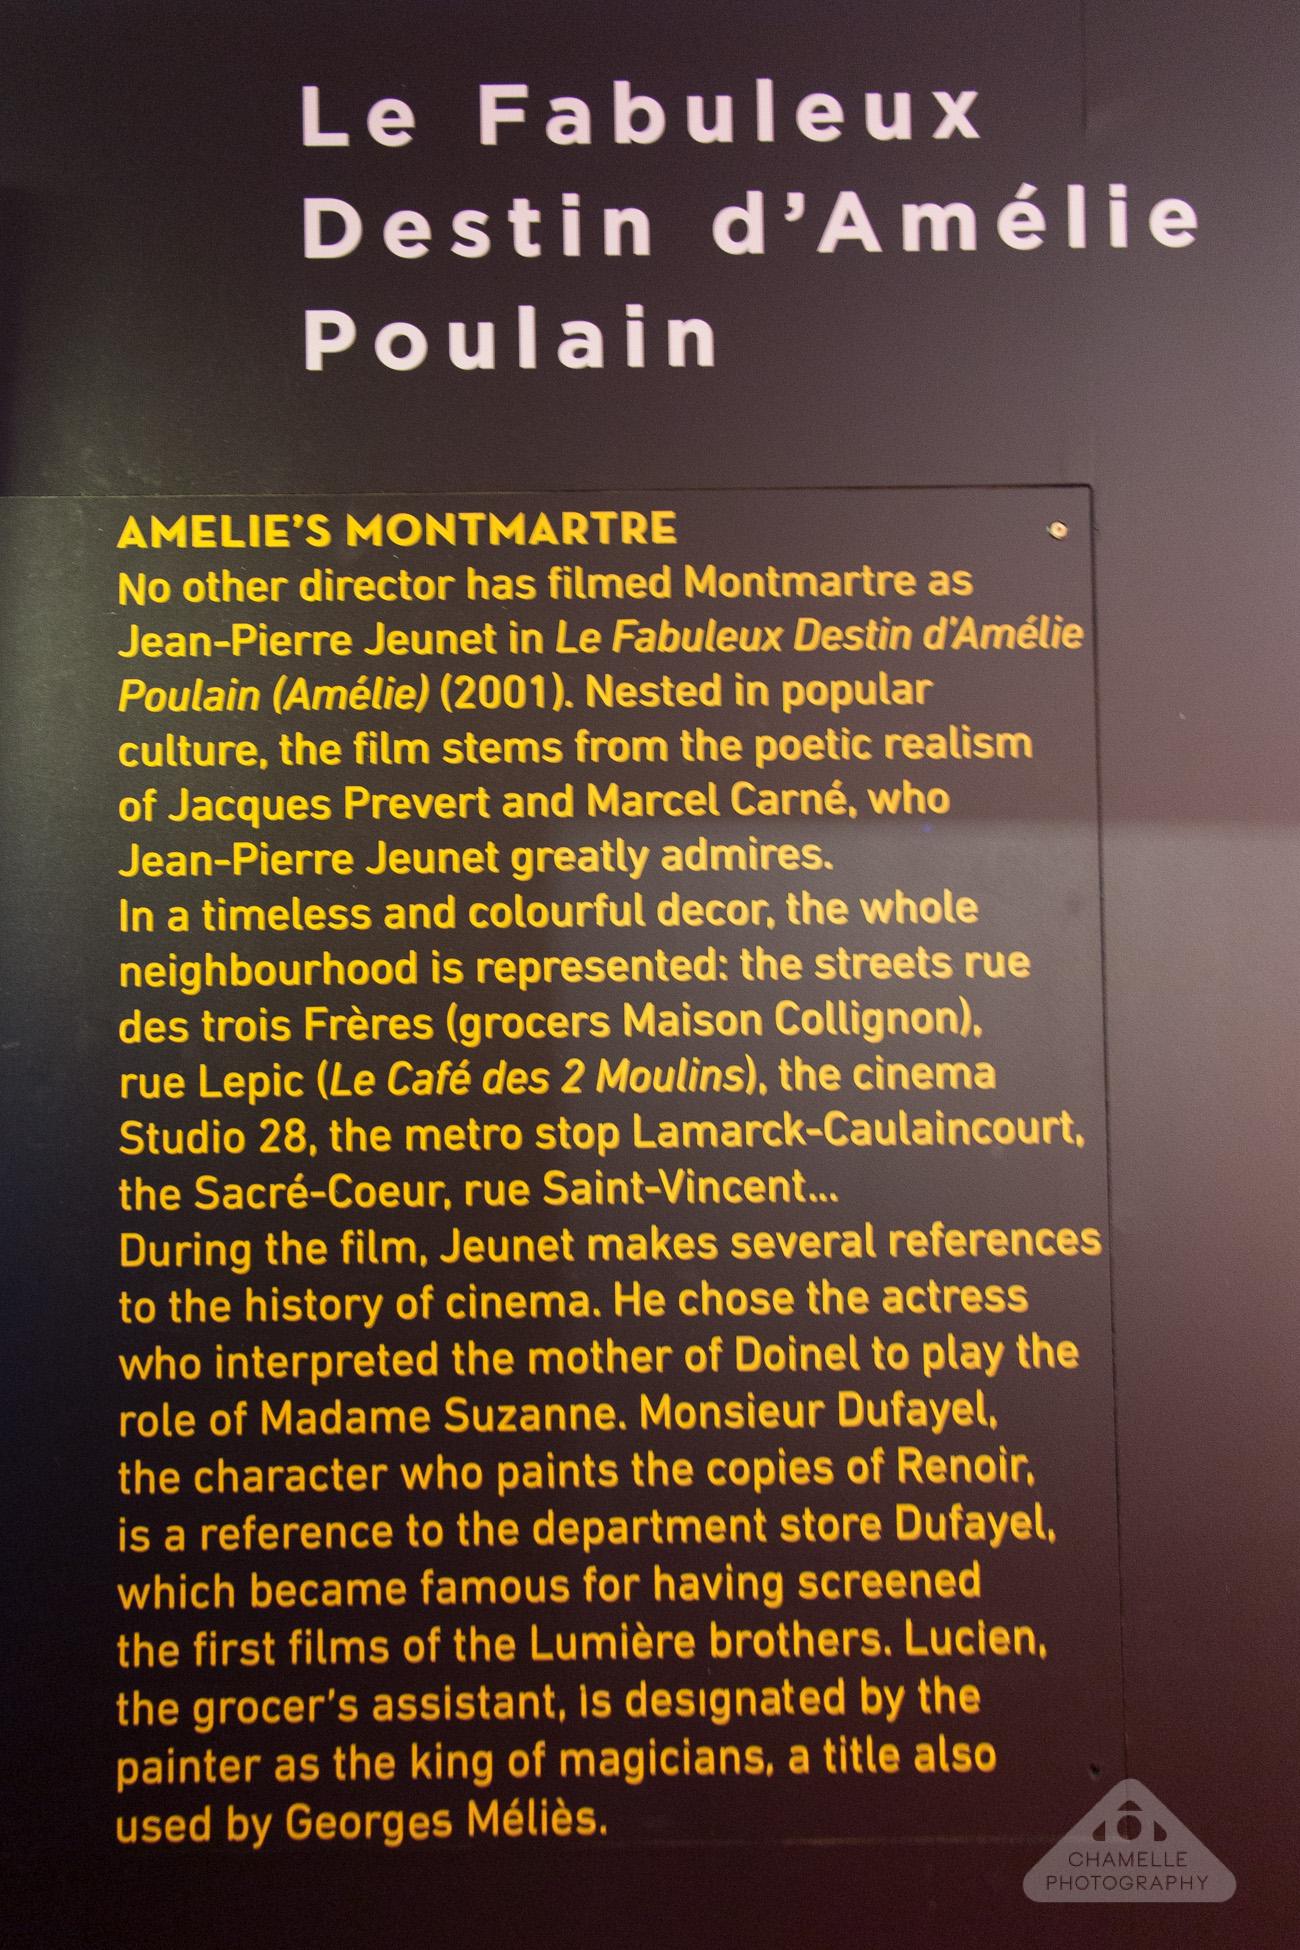 Musee Montmartre Museum film decor Amelie Paris France travel blog photography Amelie